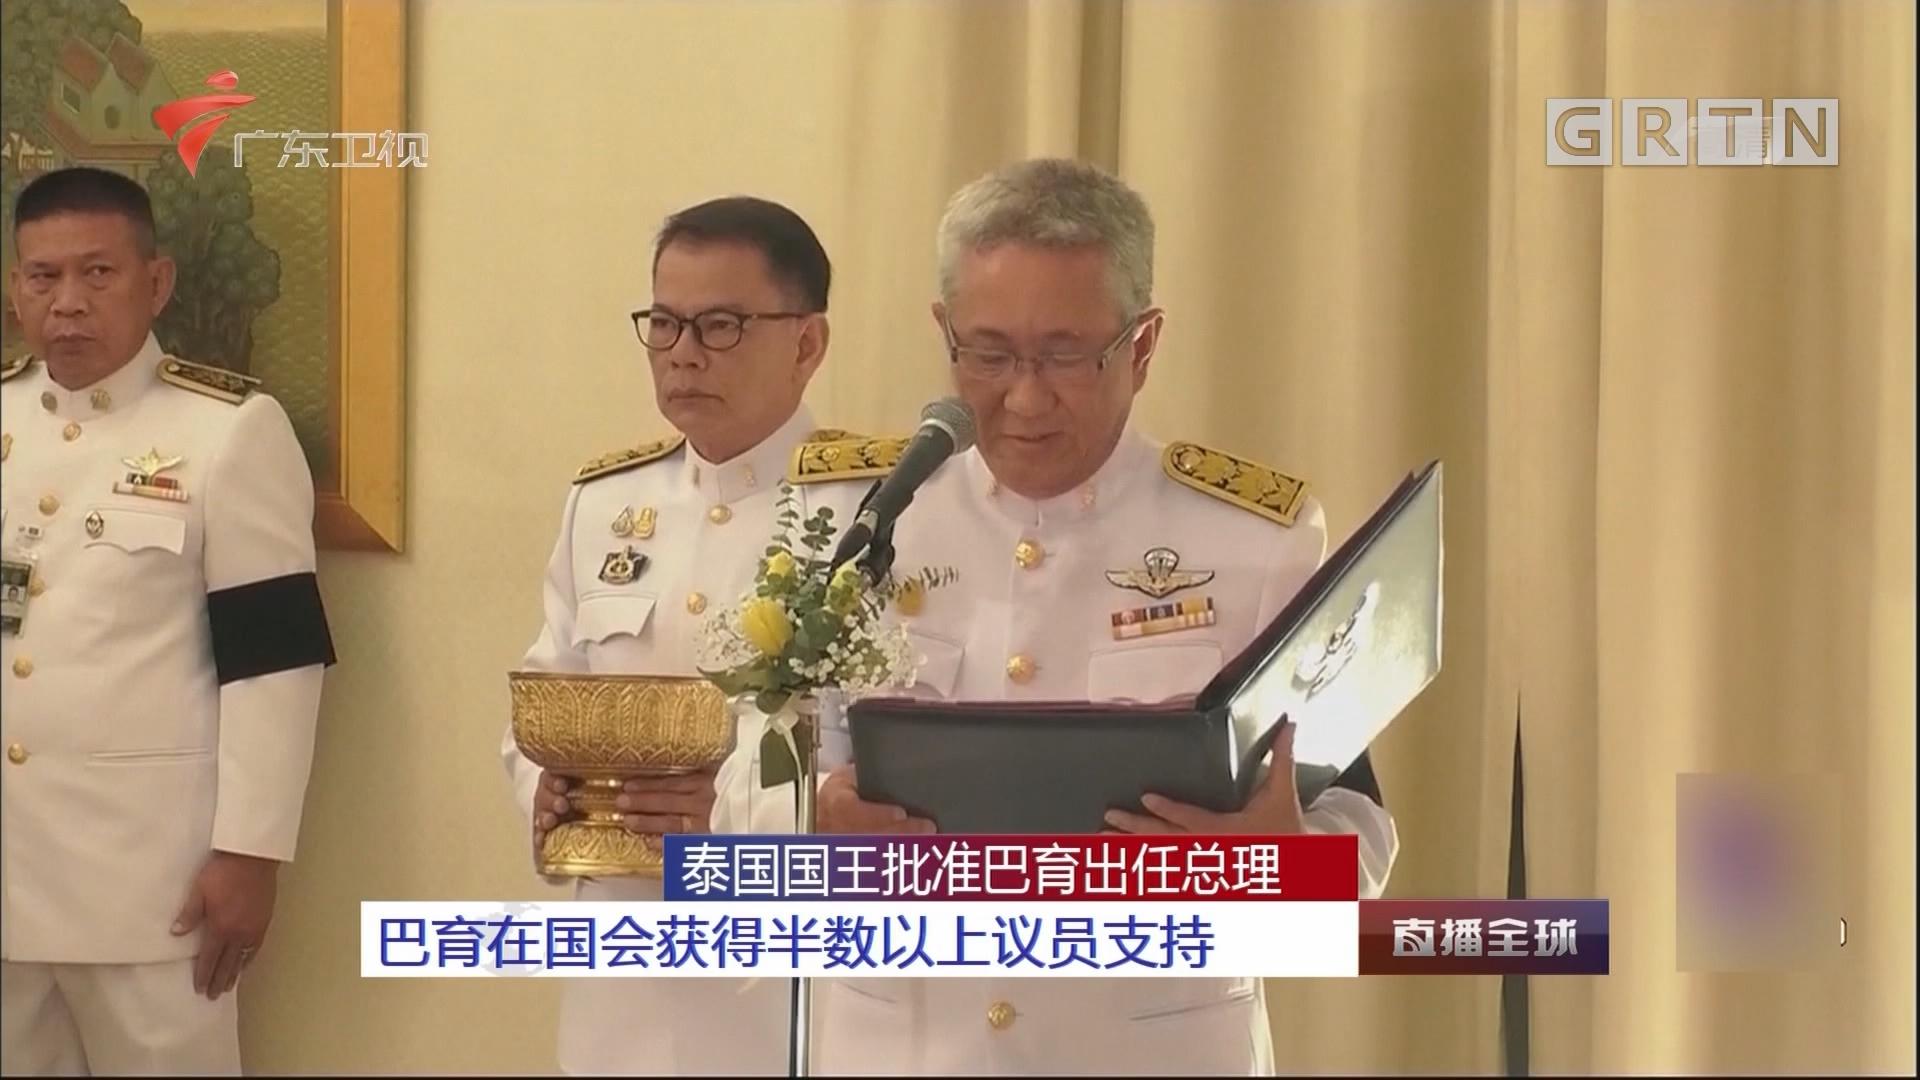 泰国国王批准巴育出任总理:巴育在国会获得半数以上议员支持